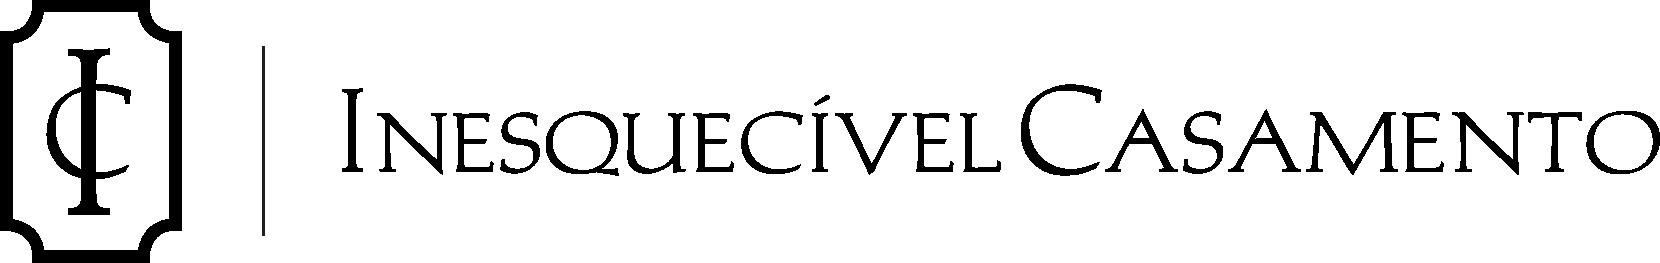 $k7mqeg8qi8